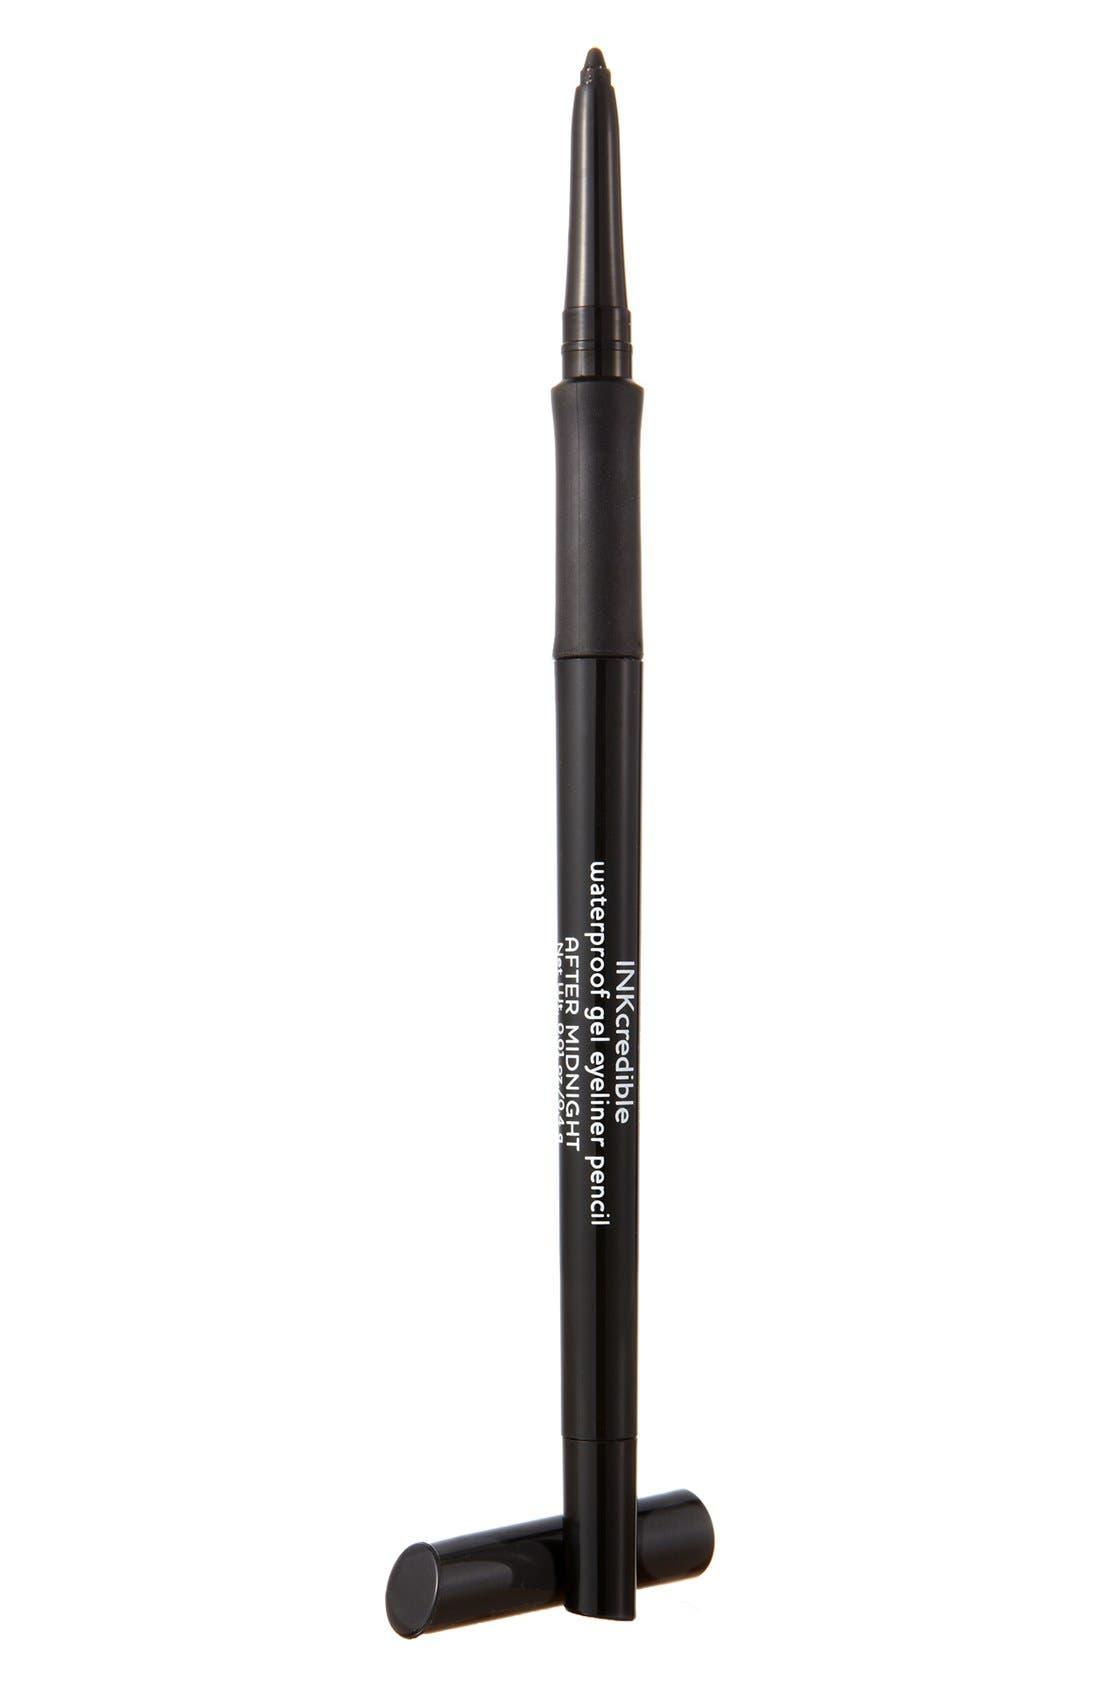 Laura Geller Beauty 'INKcredible' Gel Eyeliner Pencil